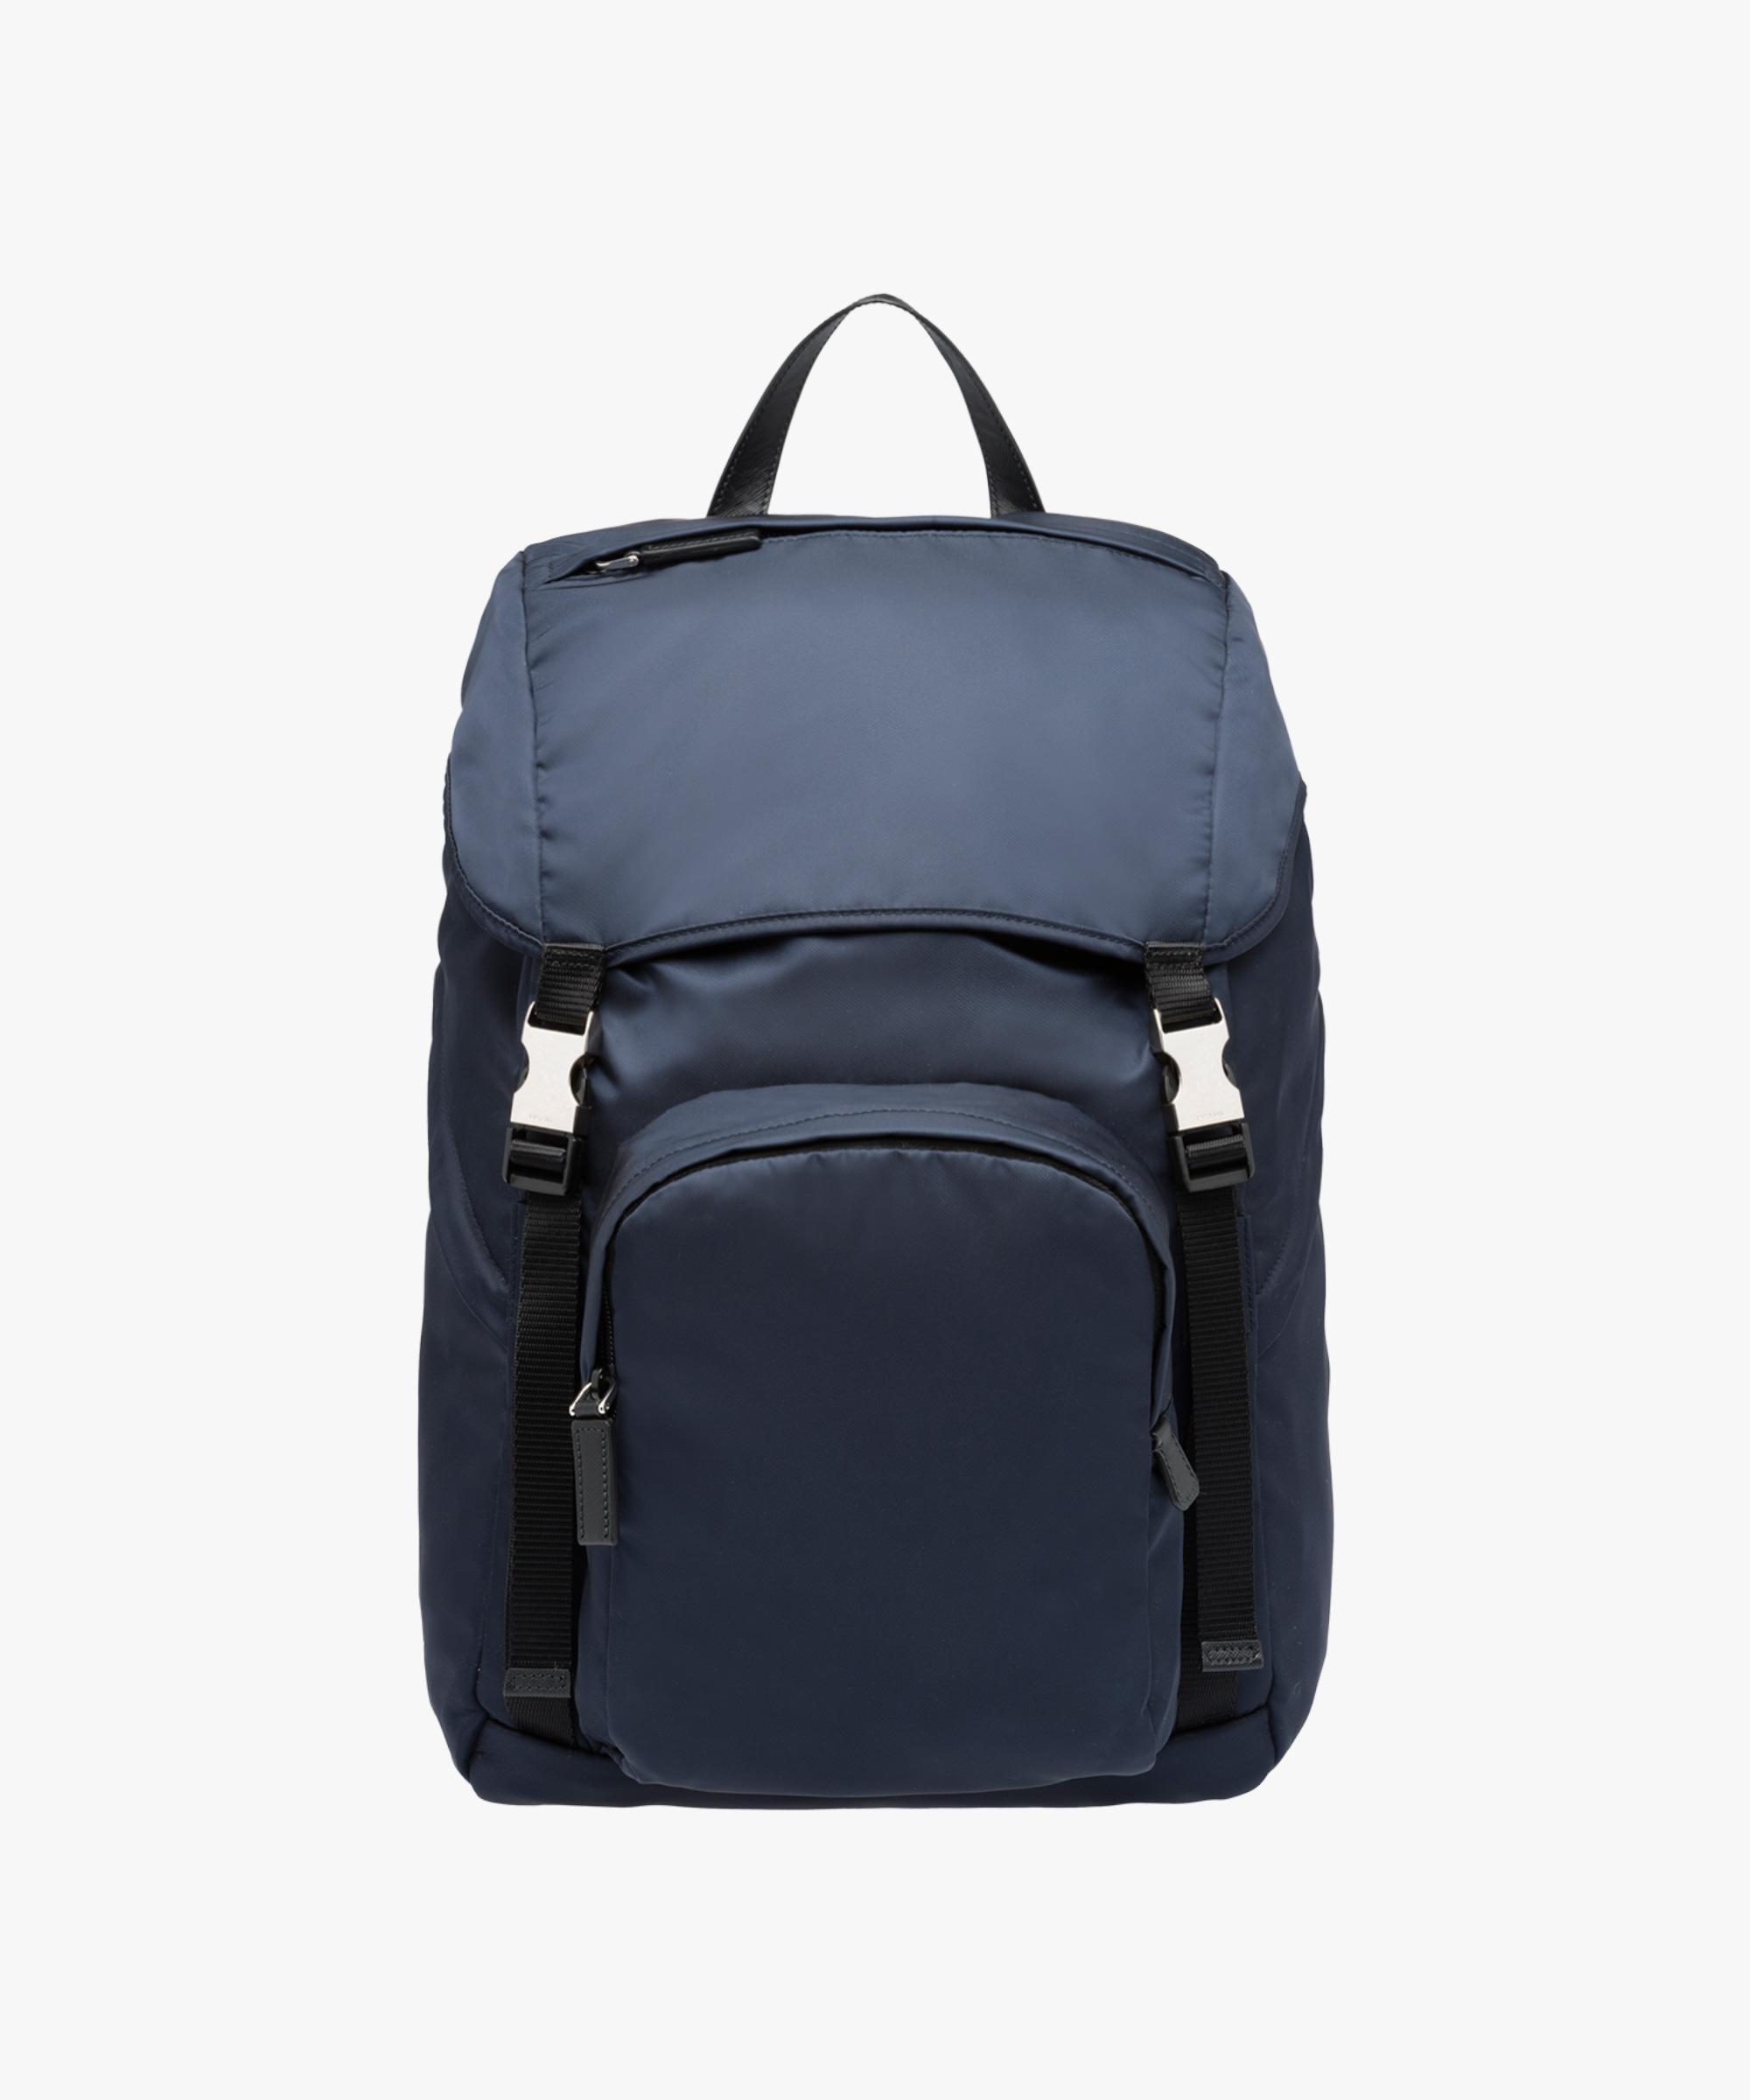 ec2636e14da5 ... closeout lyst prada backpack in blue for men bce1a ae3d2